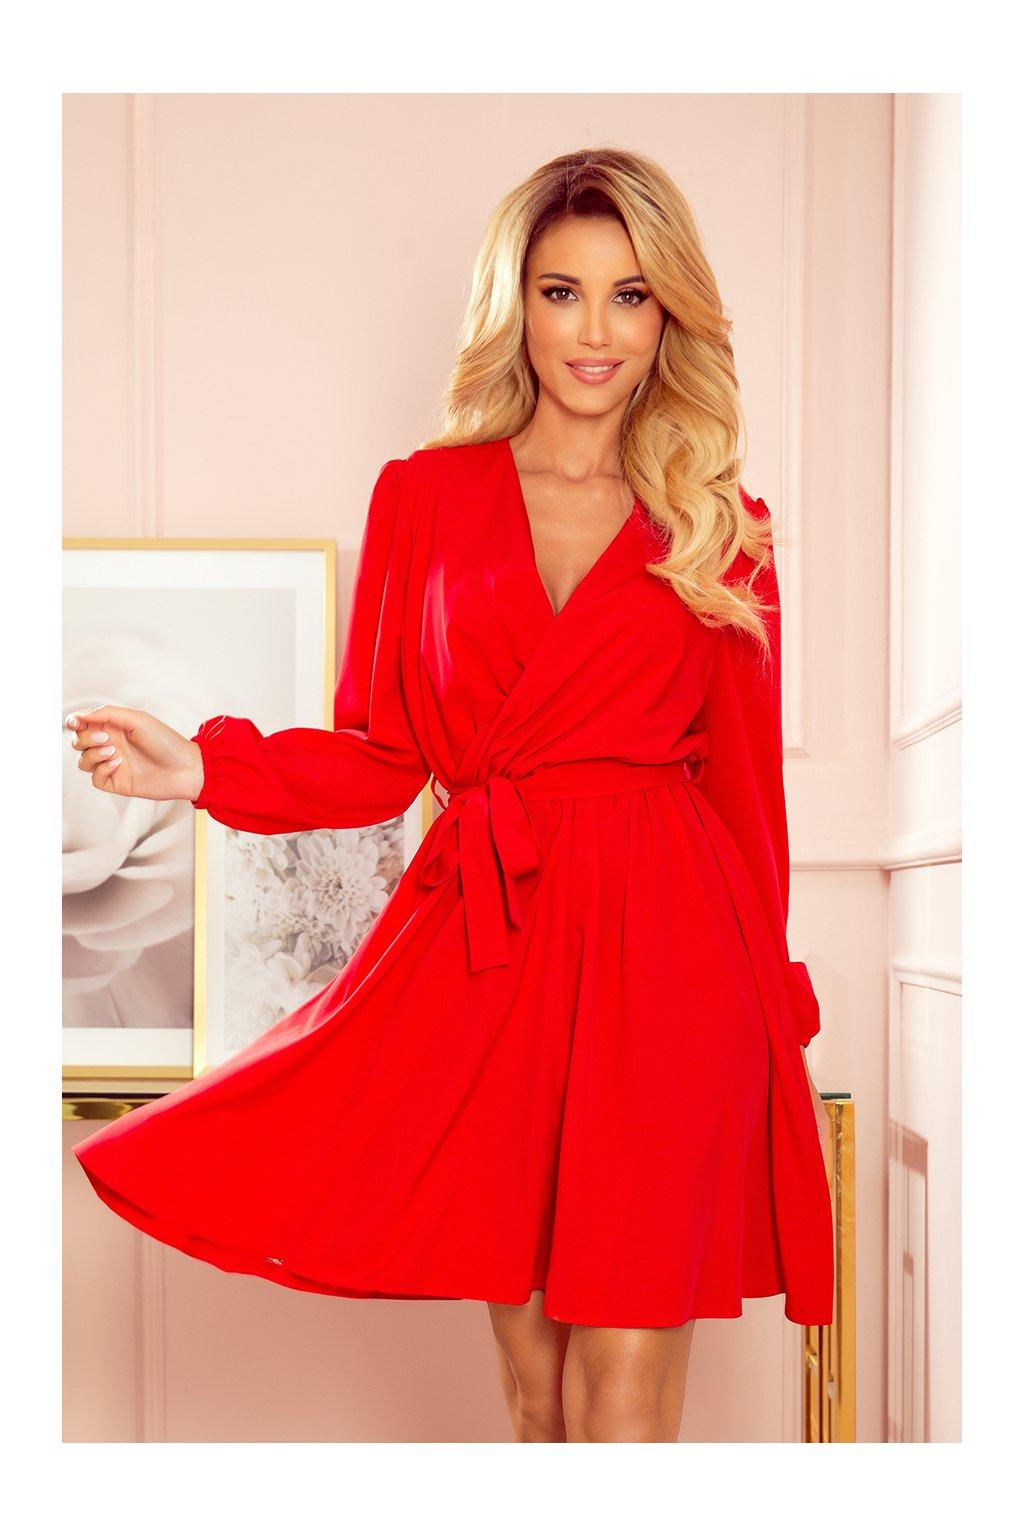 339 1 bindy kobieca sukienka 11776